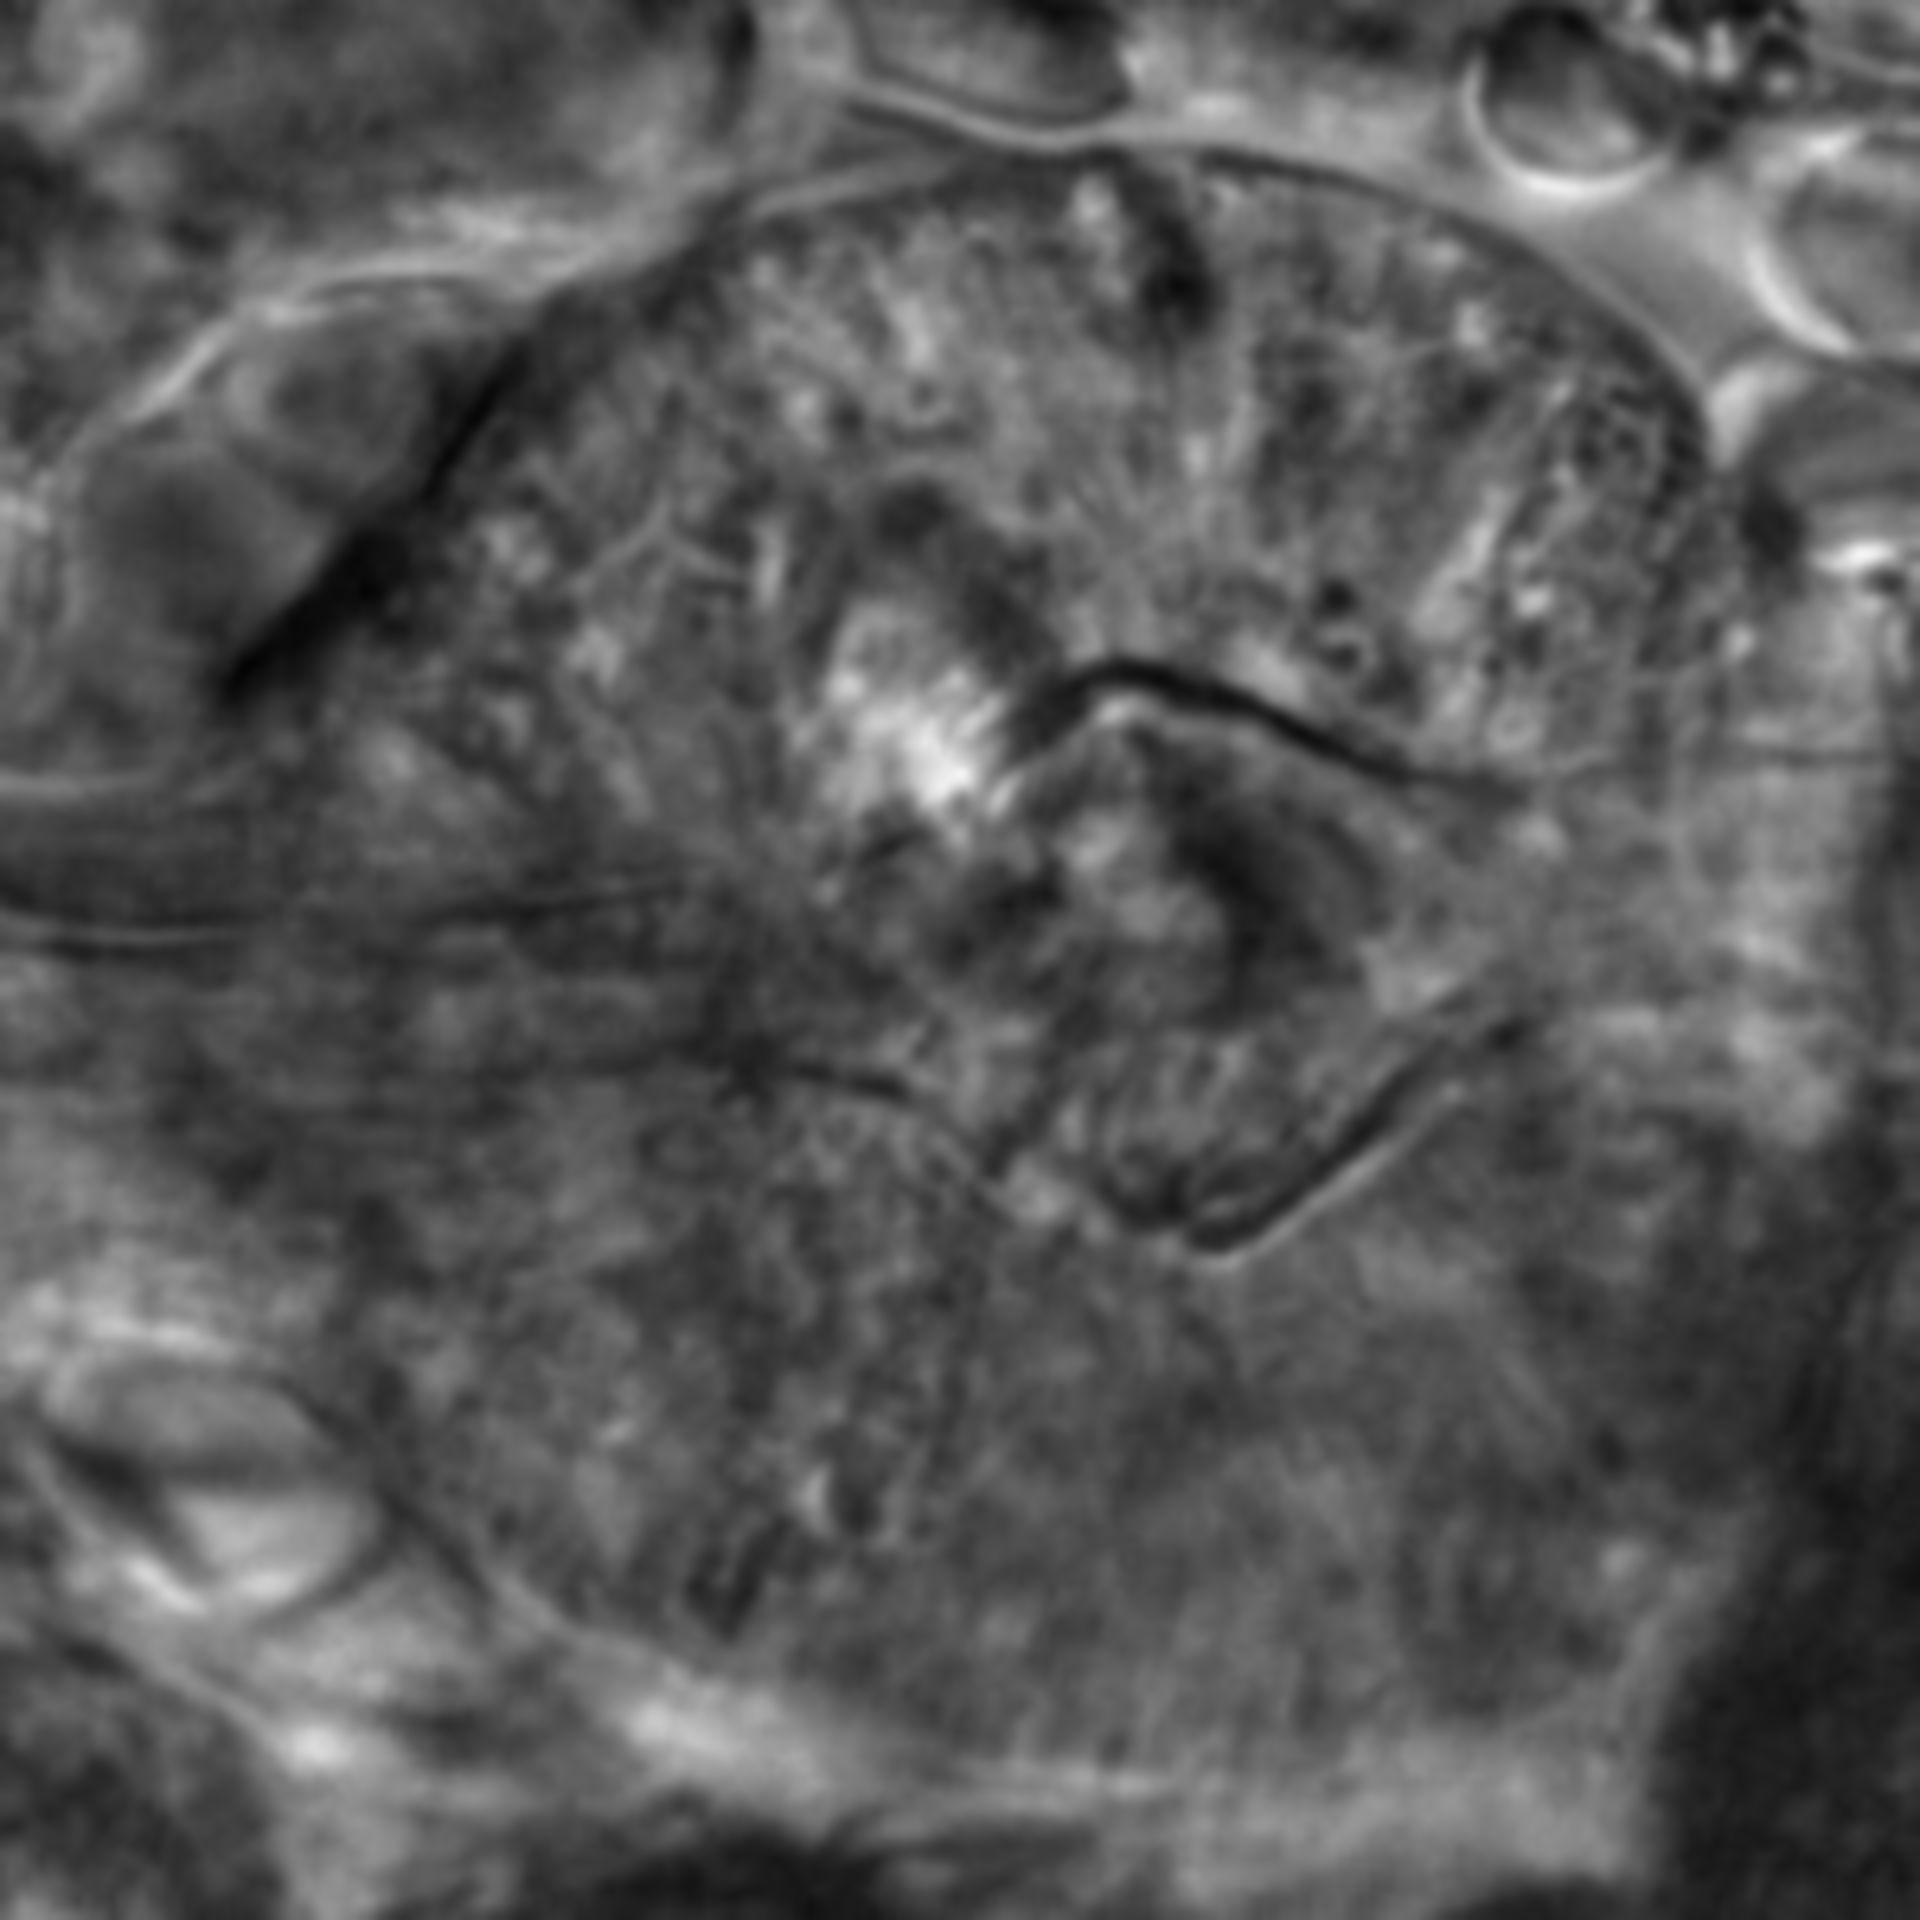 Caenorhabditis elegans - CIL:2608